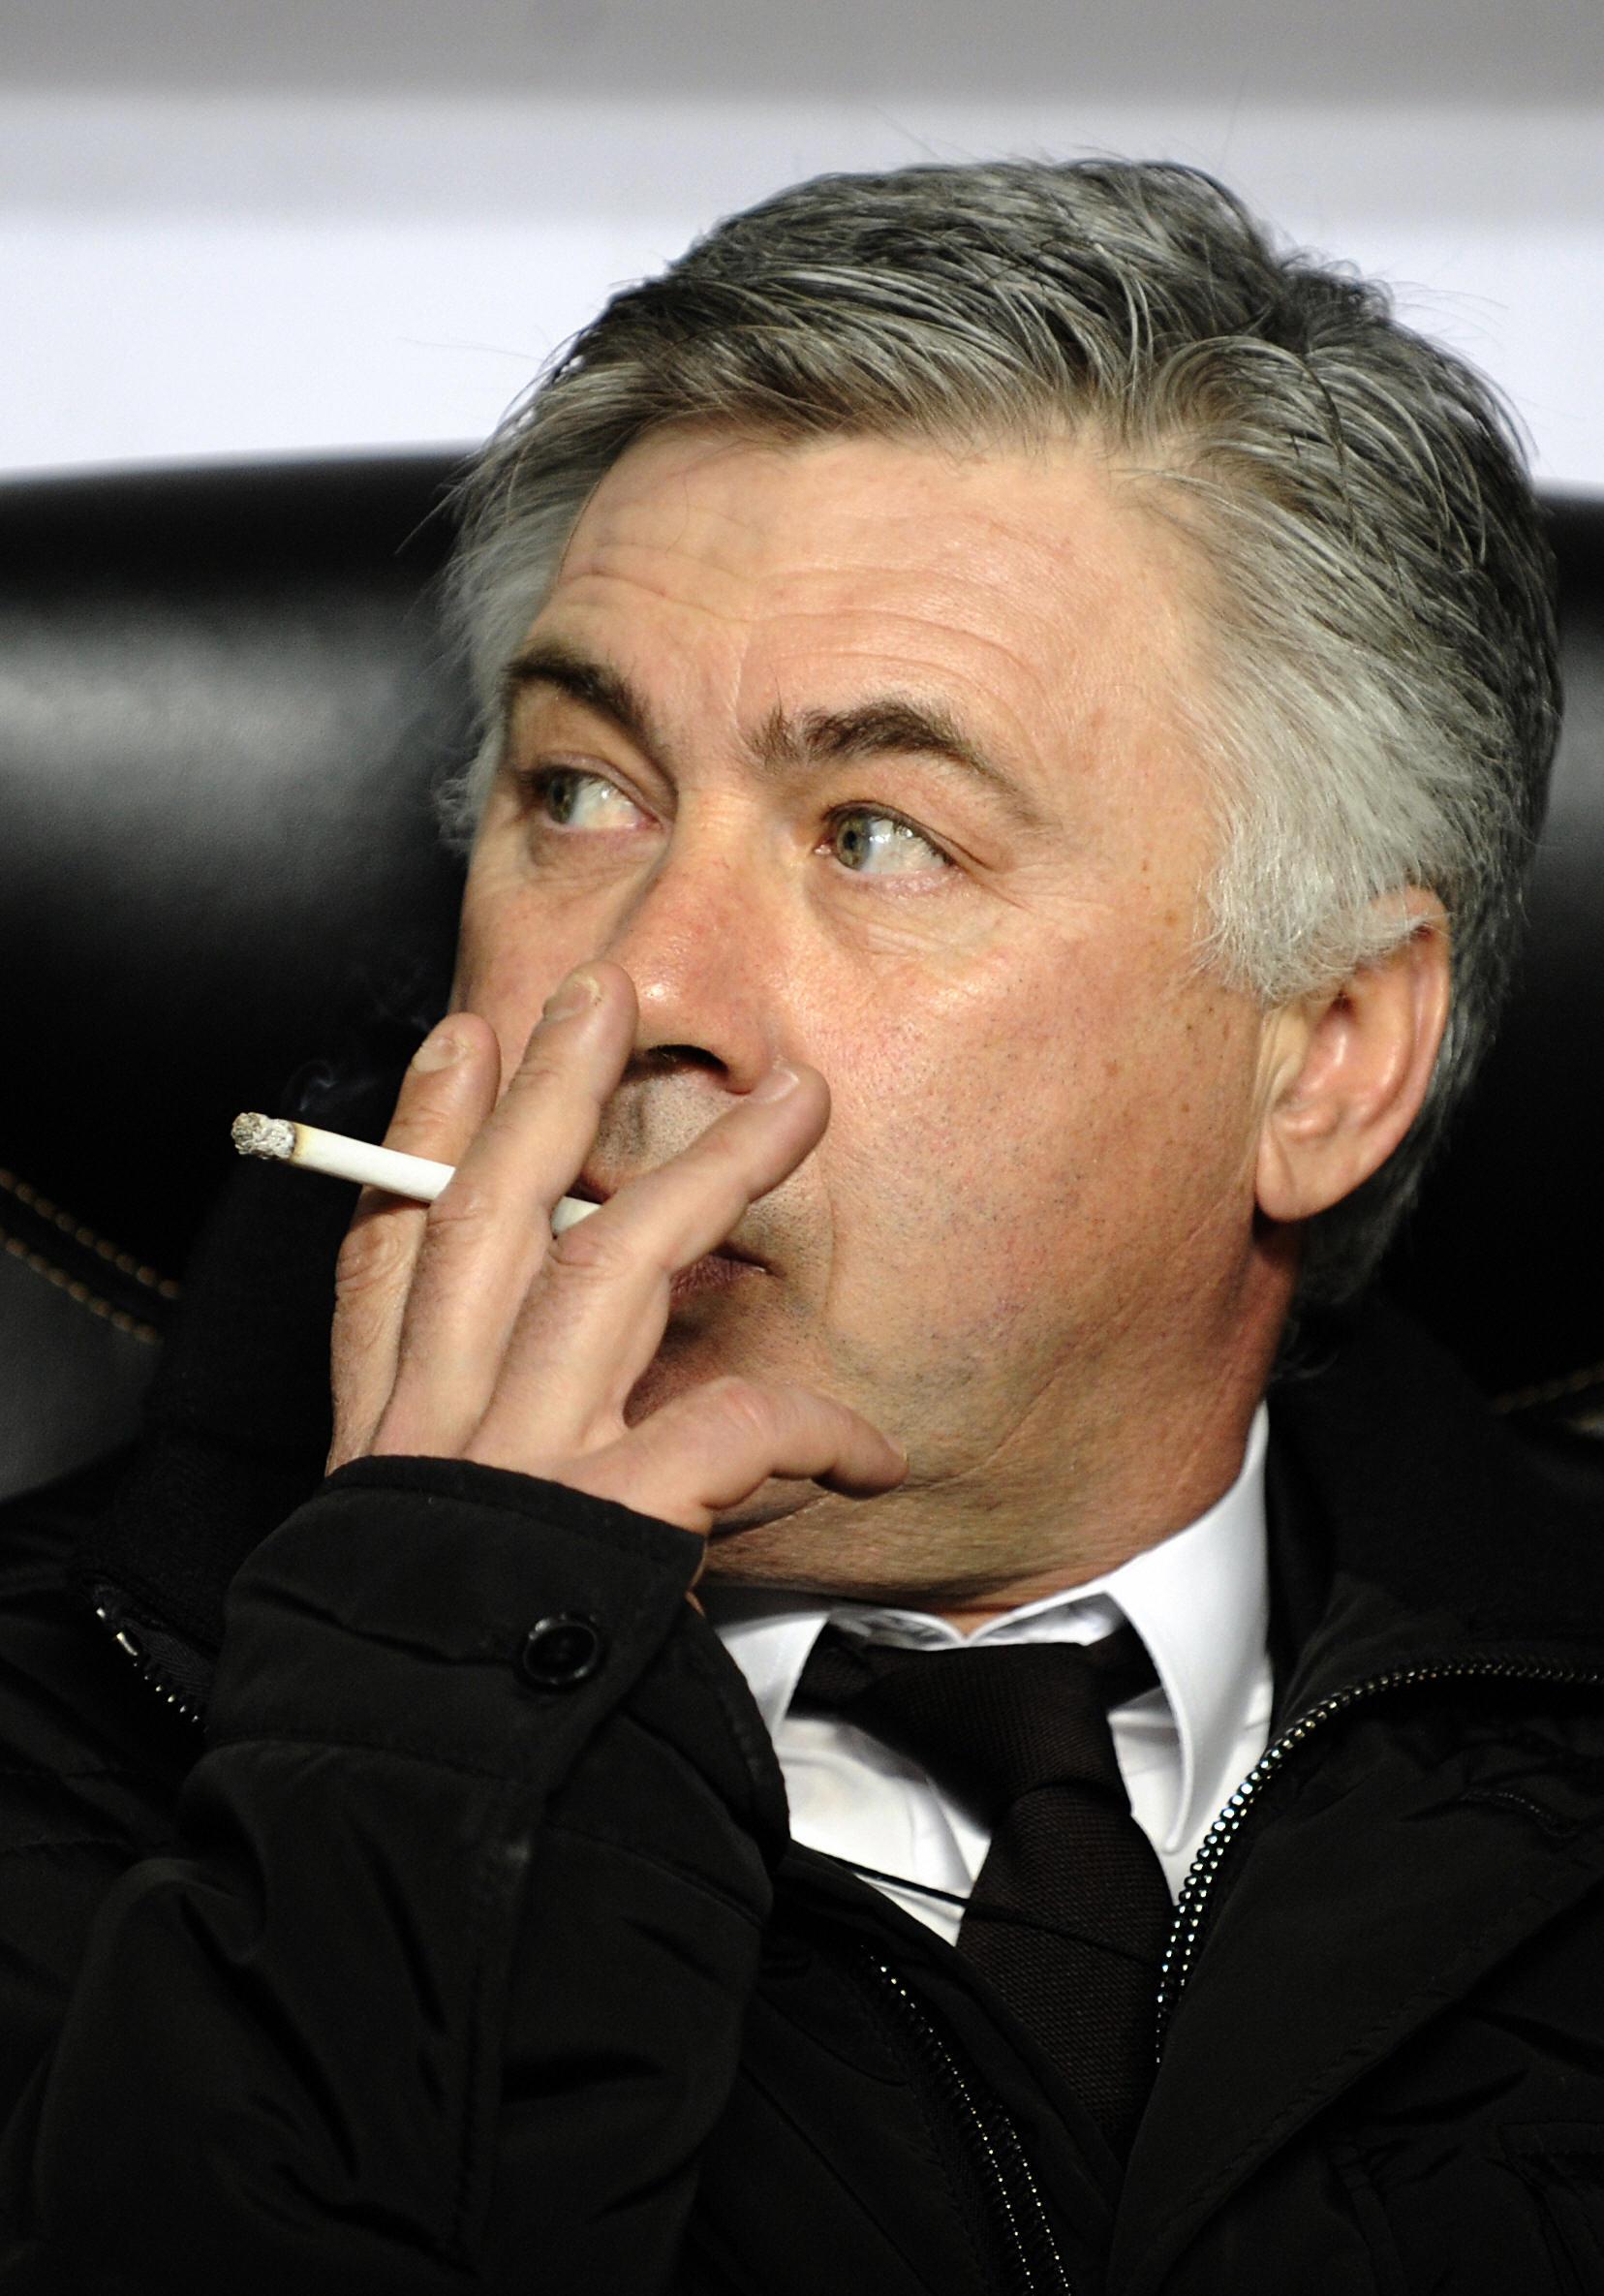 ancelotti smoking